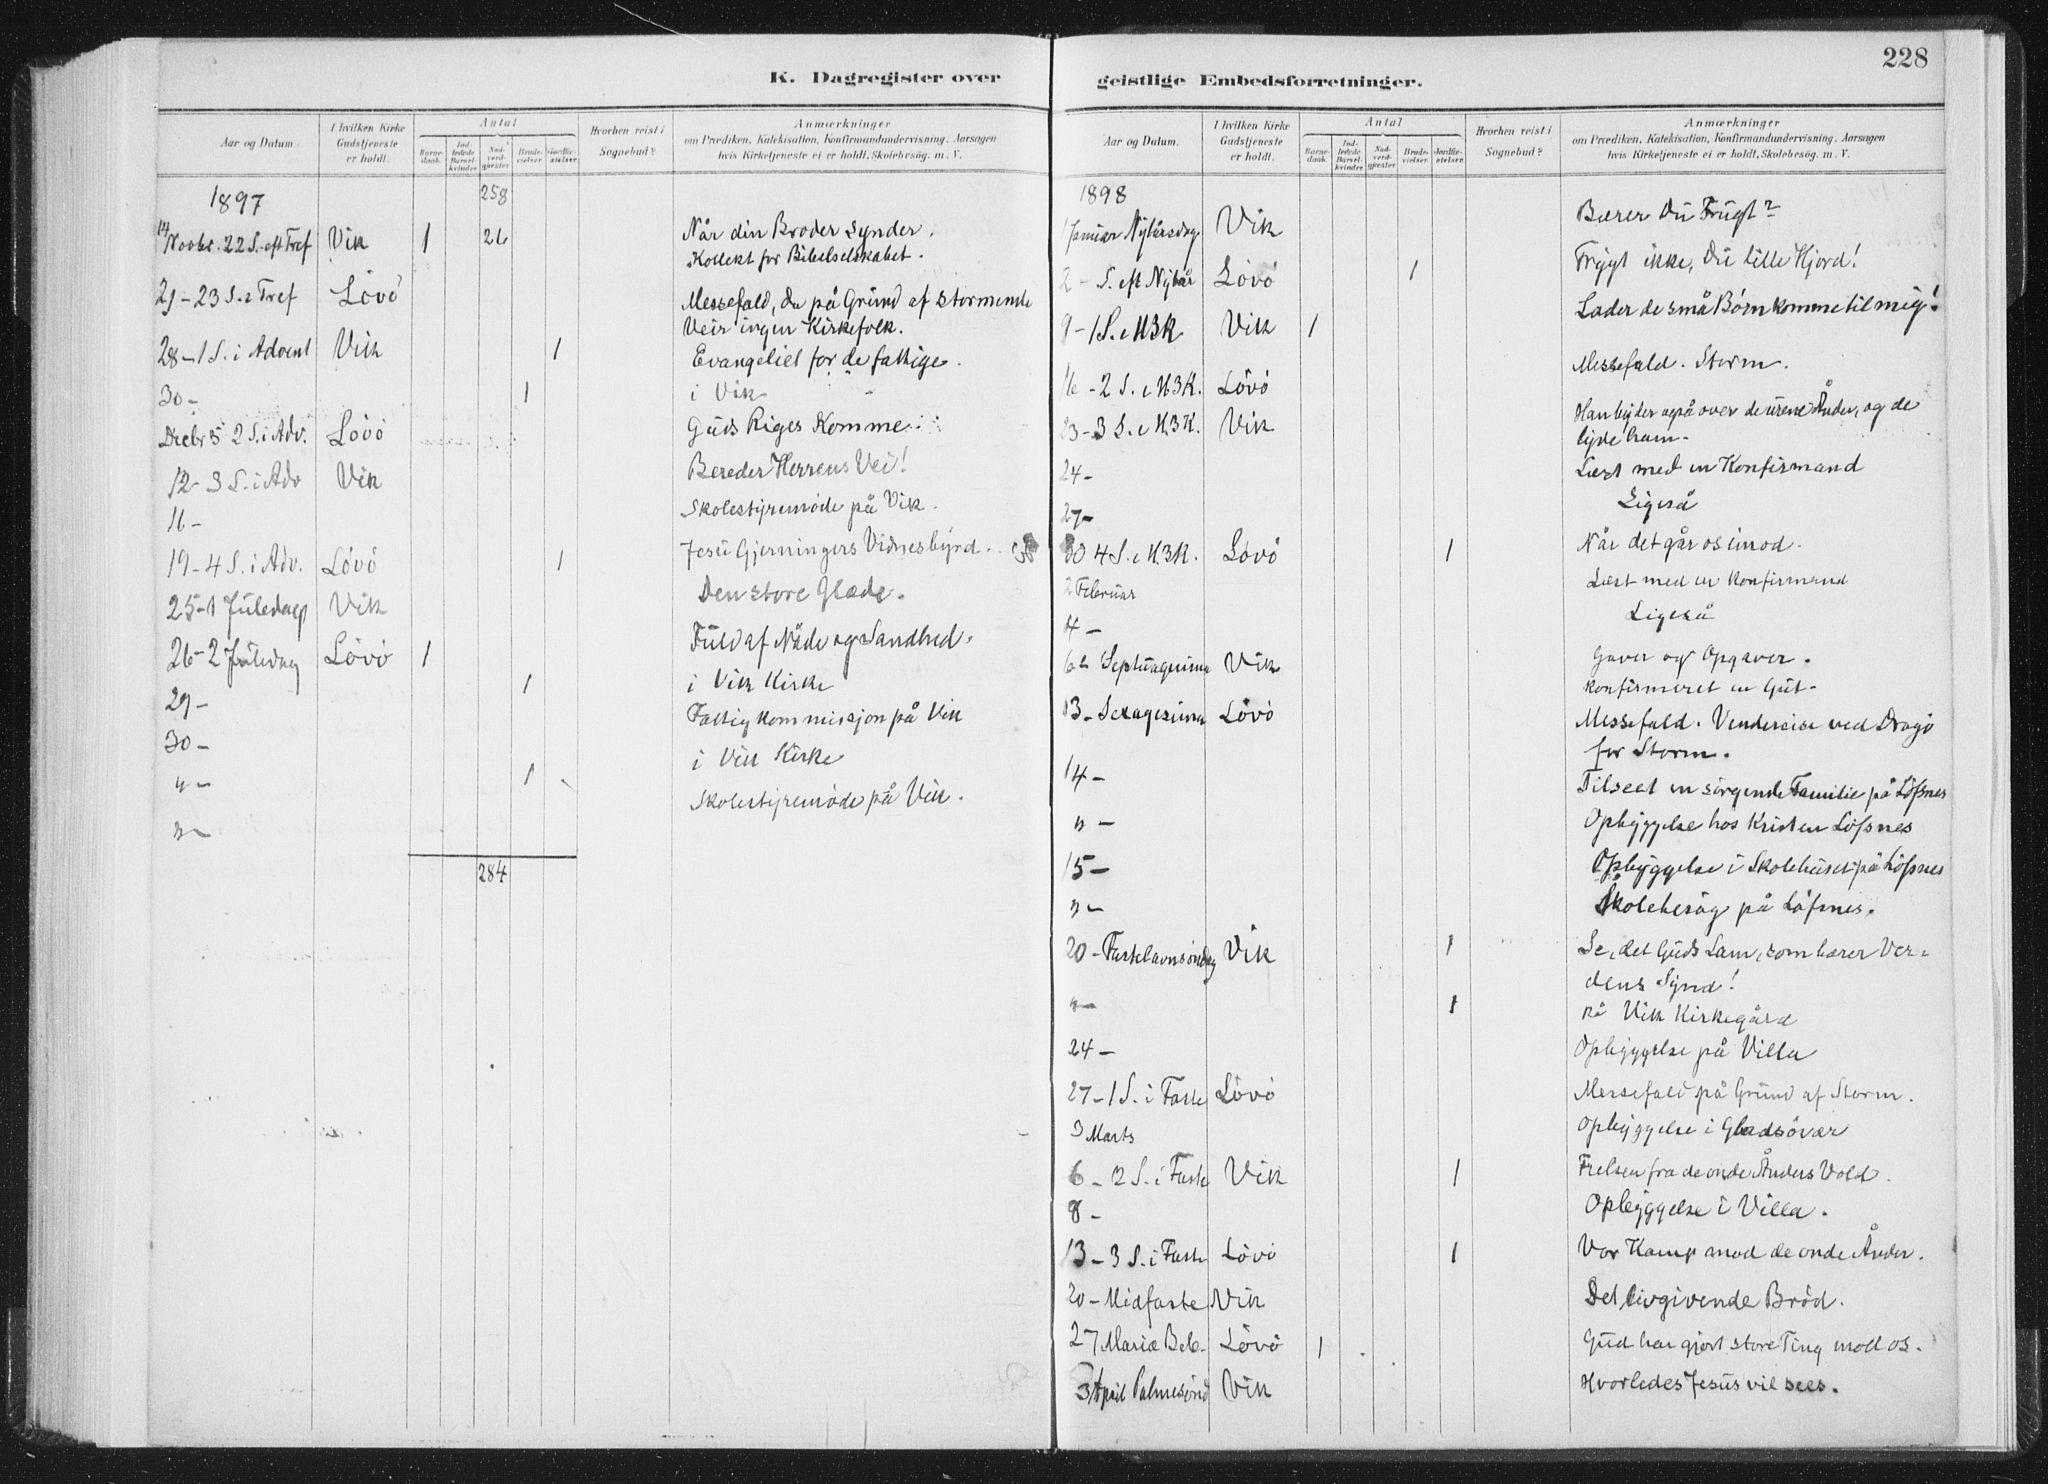 SAT, Ministerialprotokoller, klokkerbøker og fødselsregistre - Nord-Trøndelag, 771/L0597: Ministerialbok nr. 771A04, 1885-1910, s. 228